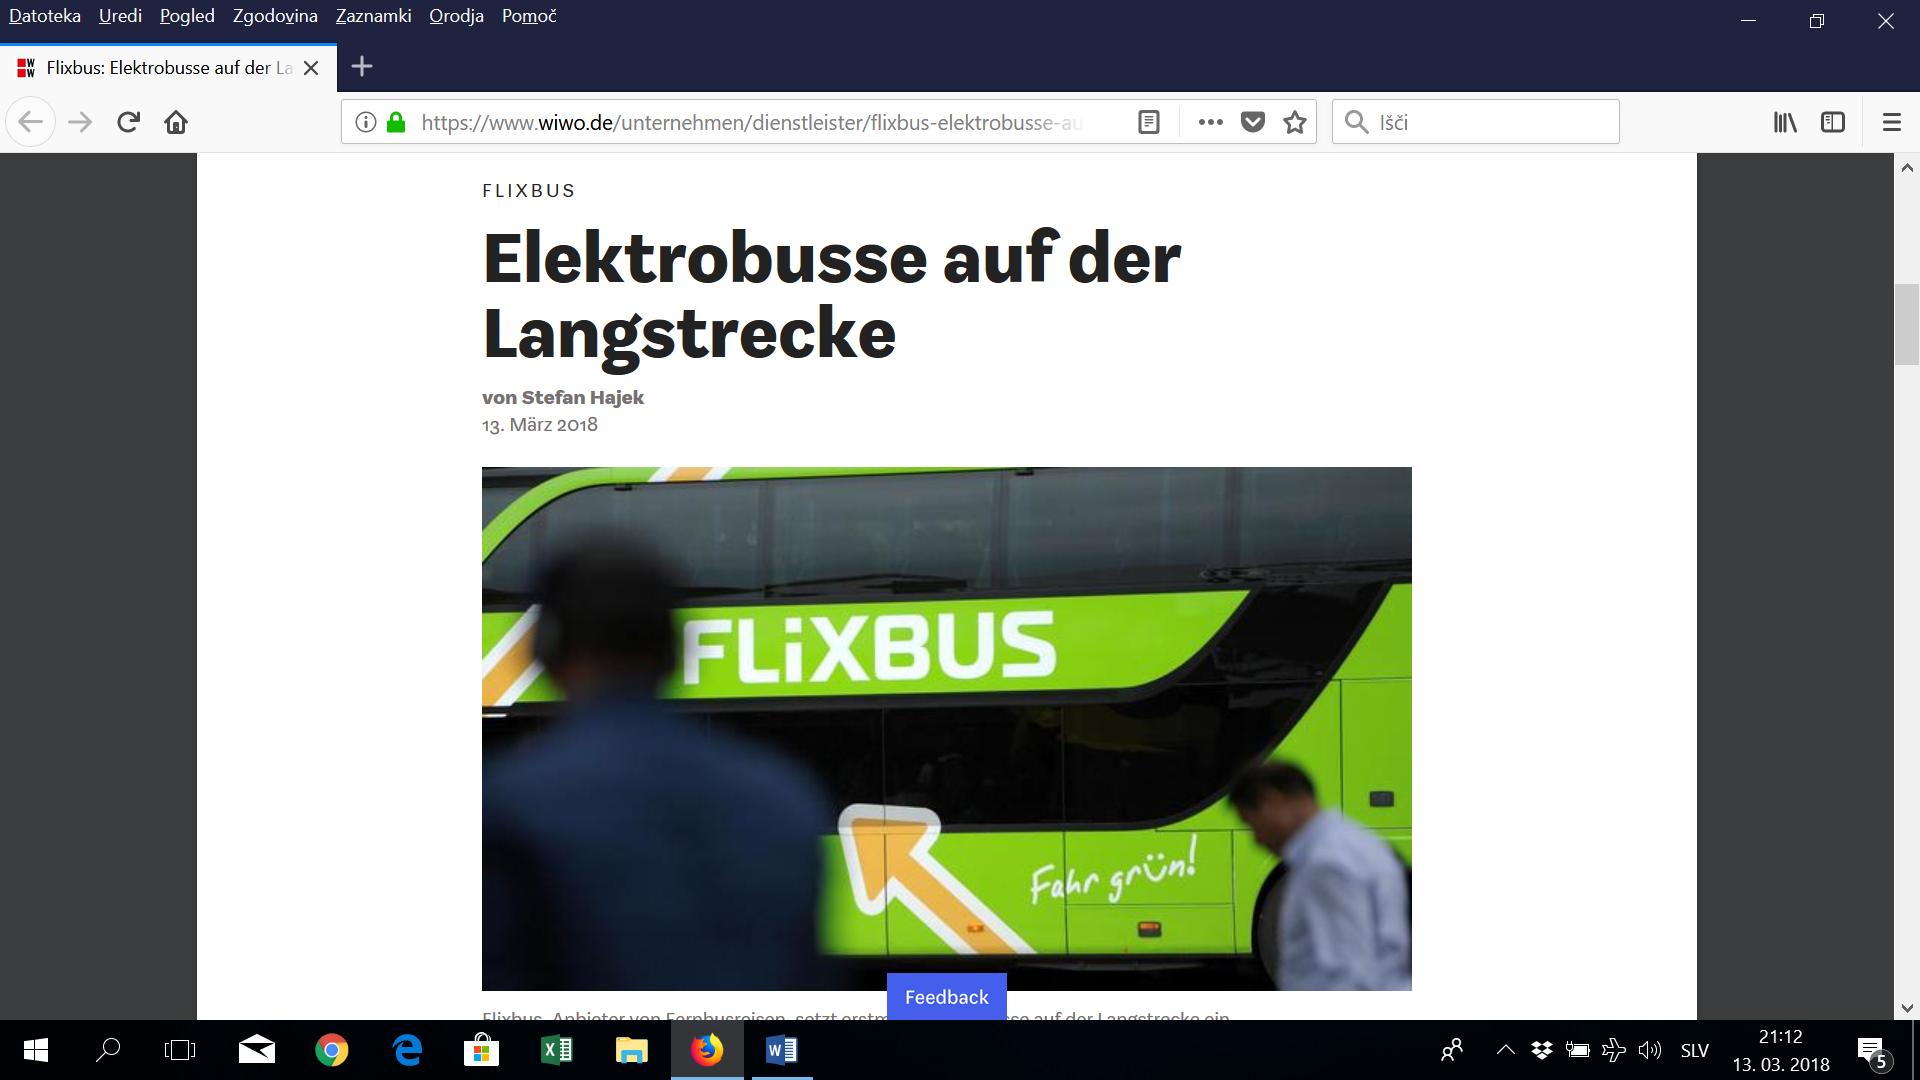 Flixbus: elektro avtobusi tudi v medkrajevnem prometu